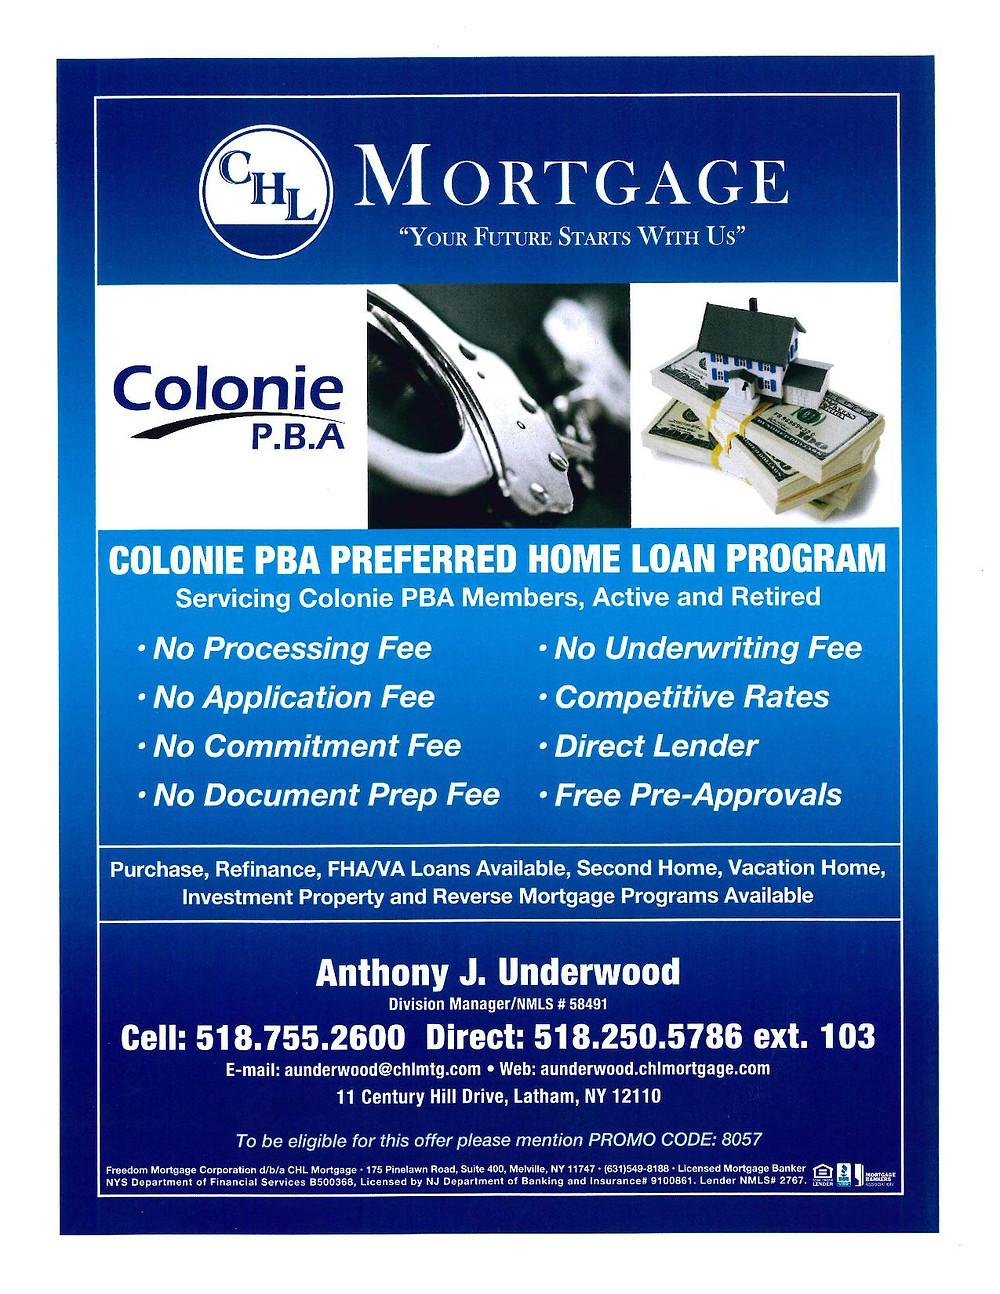 Mortgage flyrer-page-001.jpg